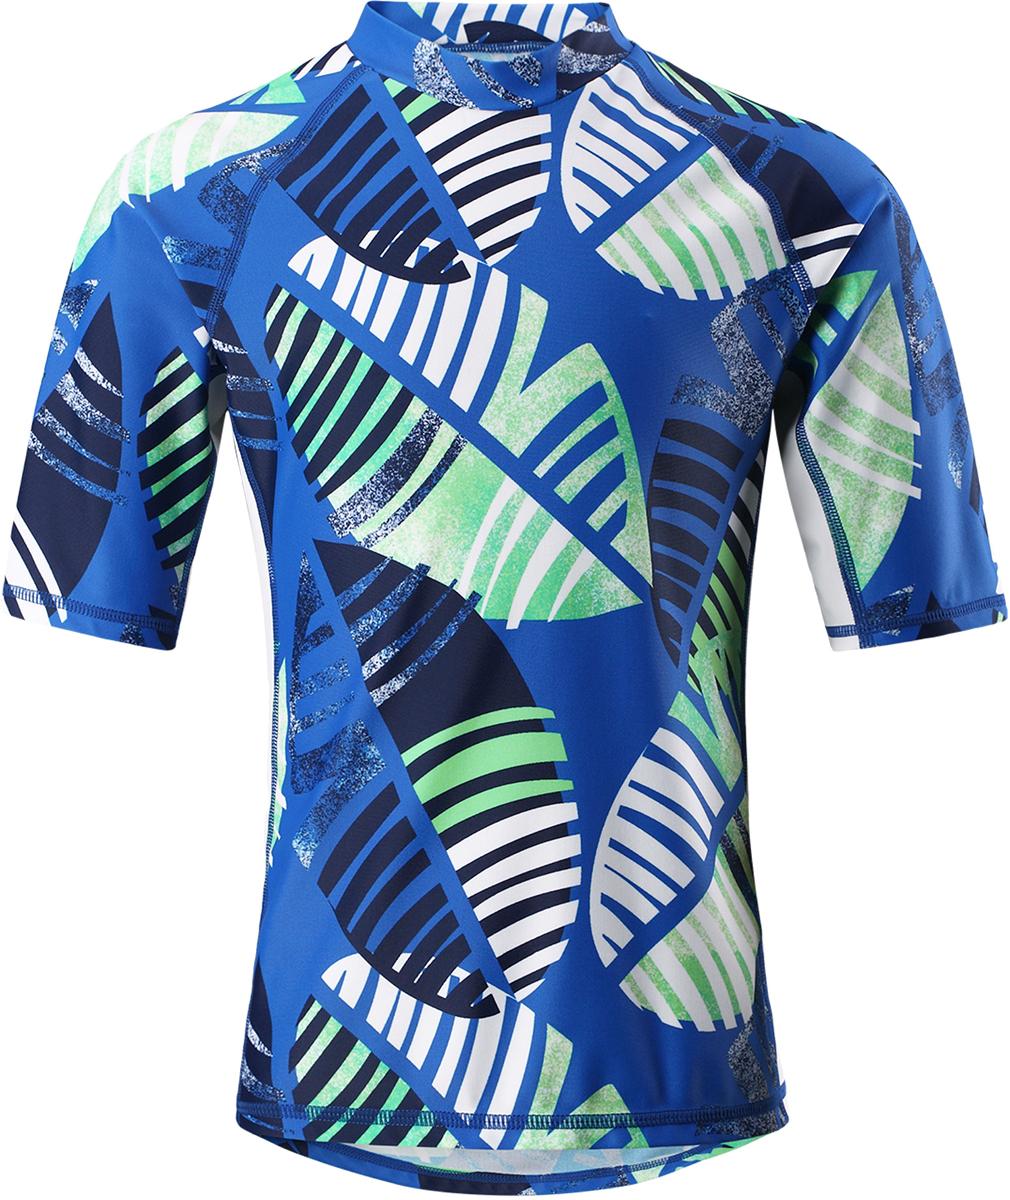 Футболка для плавания детская Reima Fiji, цвет: синий, зеленый. 5362686641. Размер 1645362686641